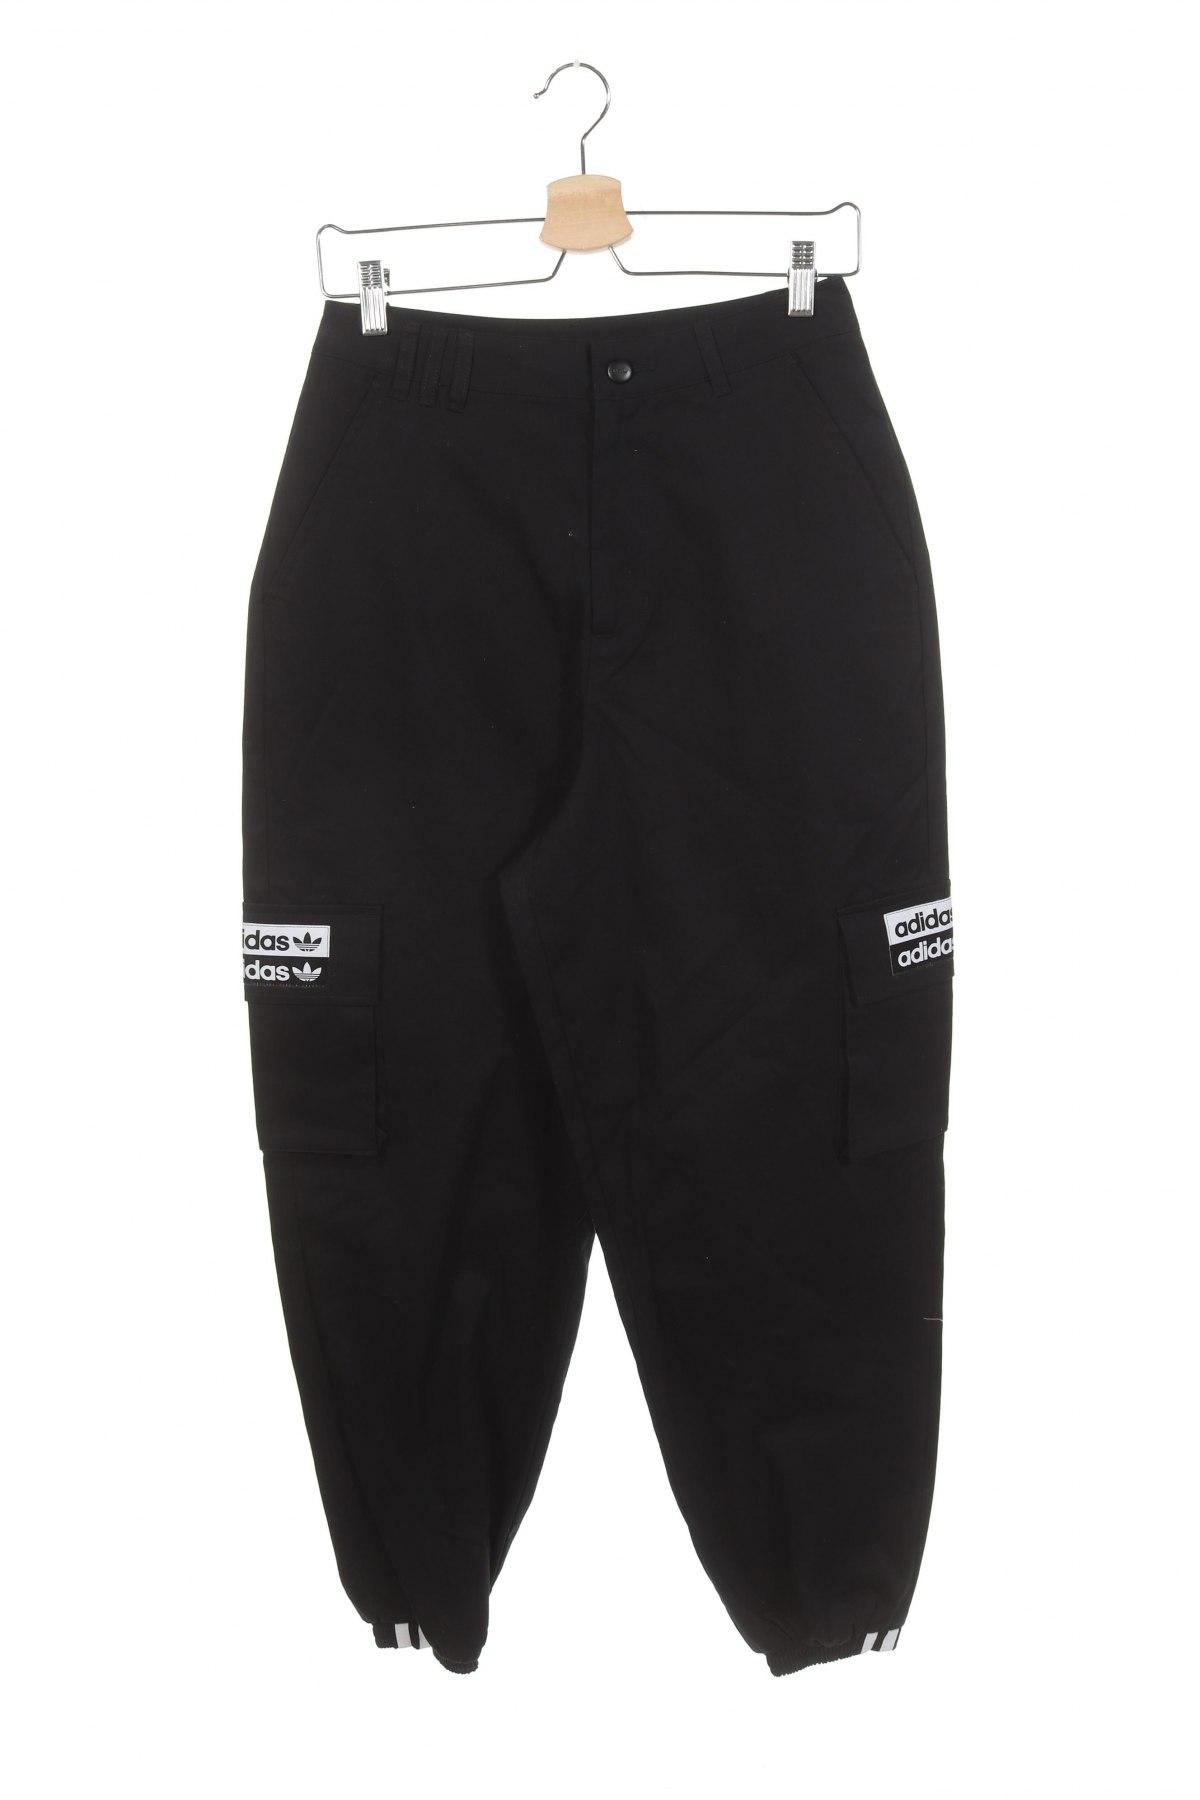 Дамски панталон Adidas Originals, Размер XS, Цвят Черен, Памук, Цена 96,75лв.